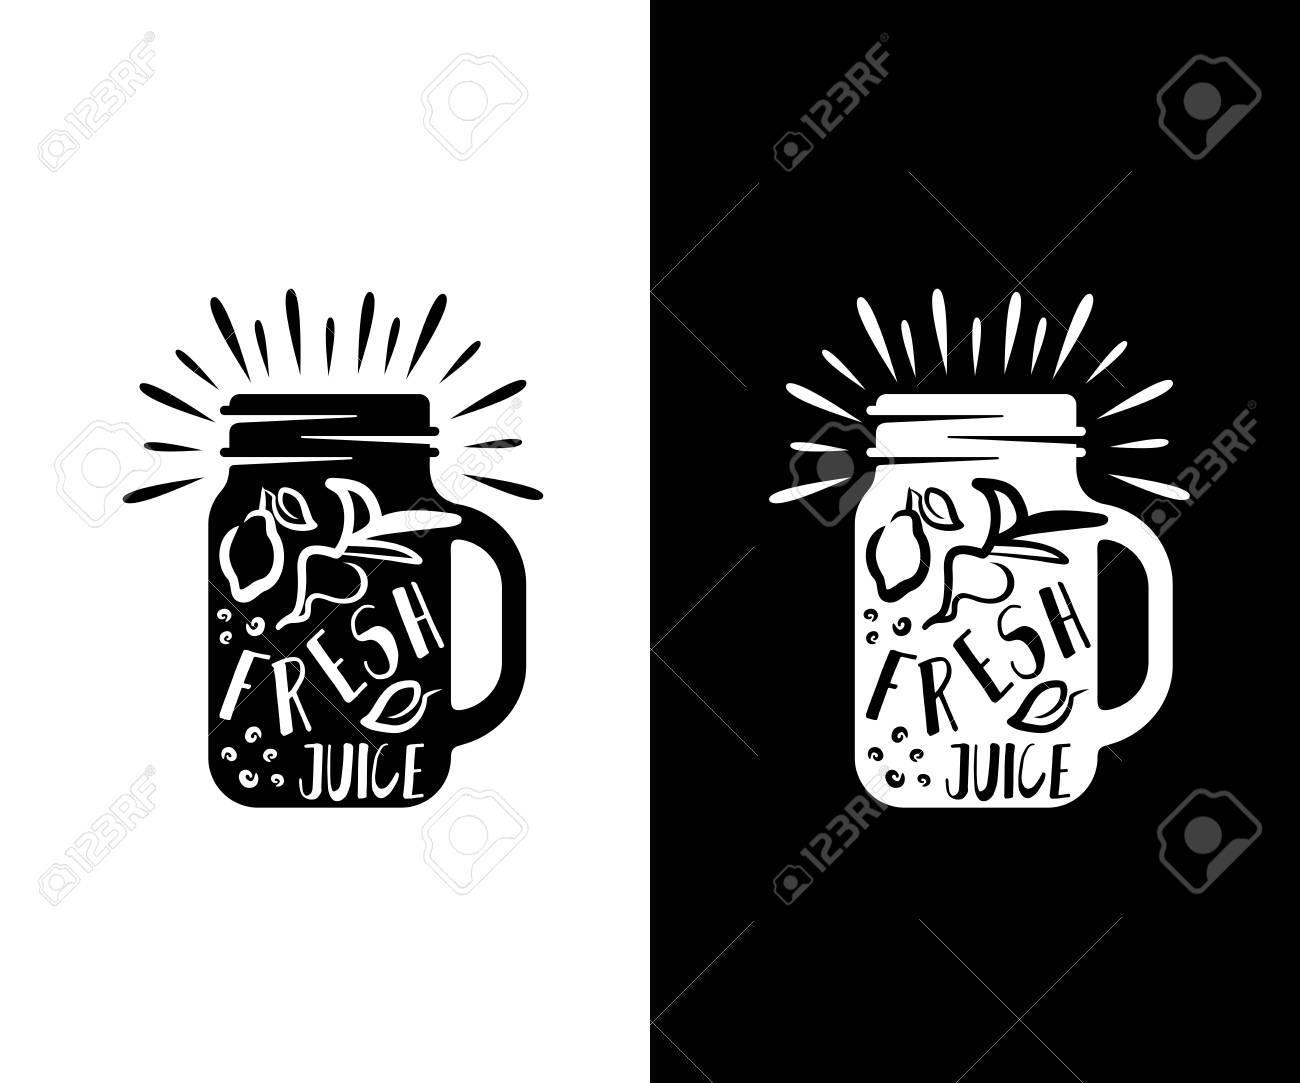 114441536 juices jar mason retro and vintage logo design food drink beverages smoothie cafe and bar vector des